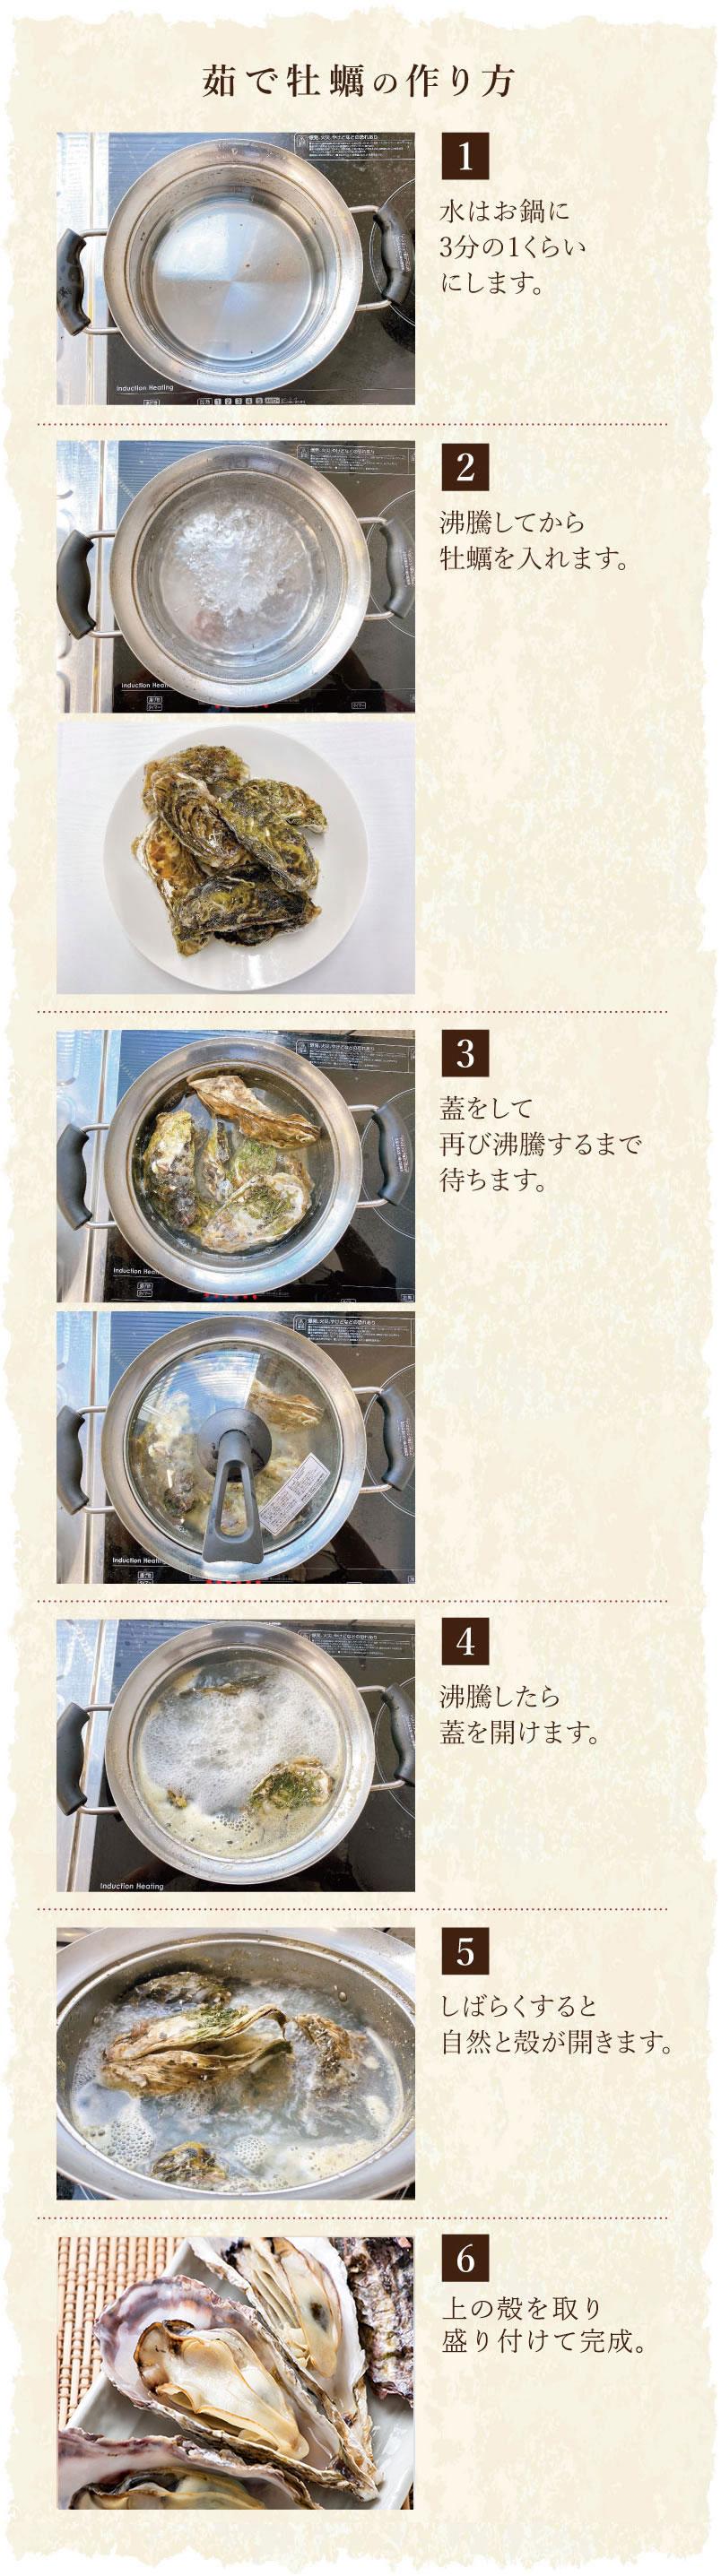 茹で牡蠣の作り方